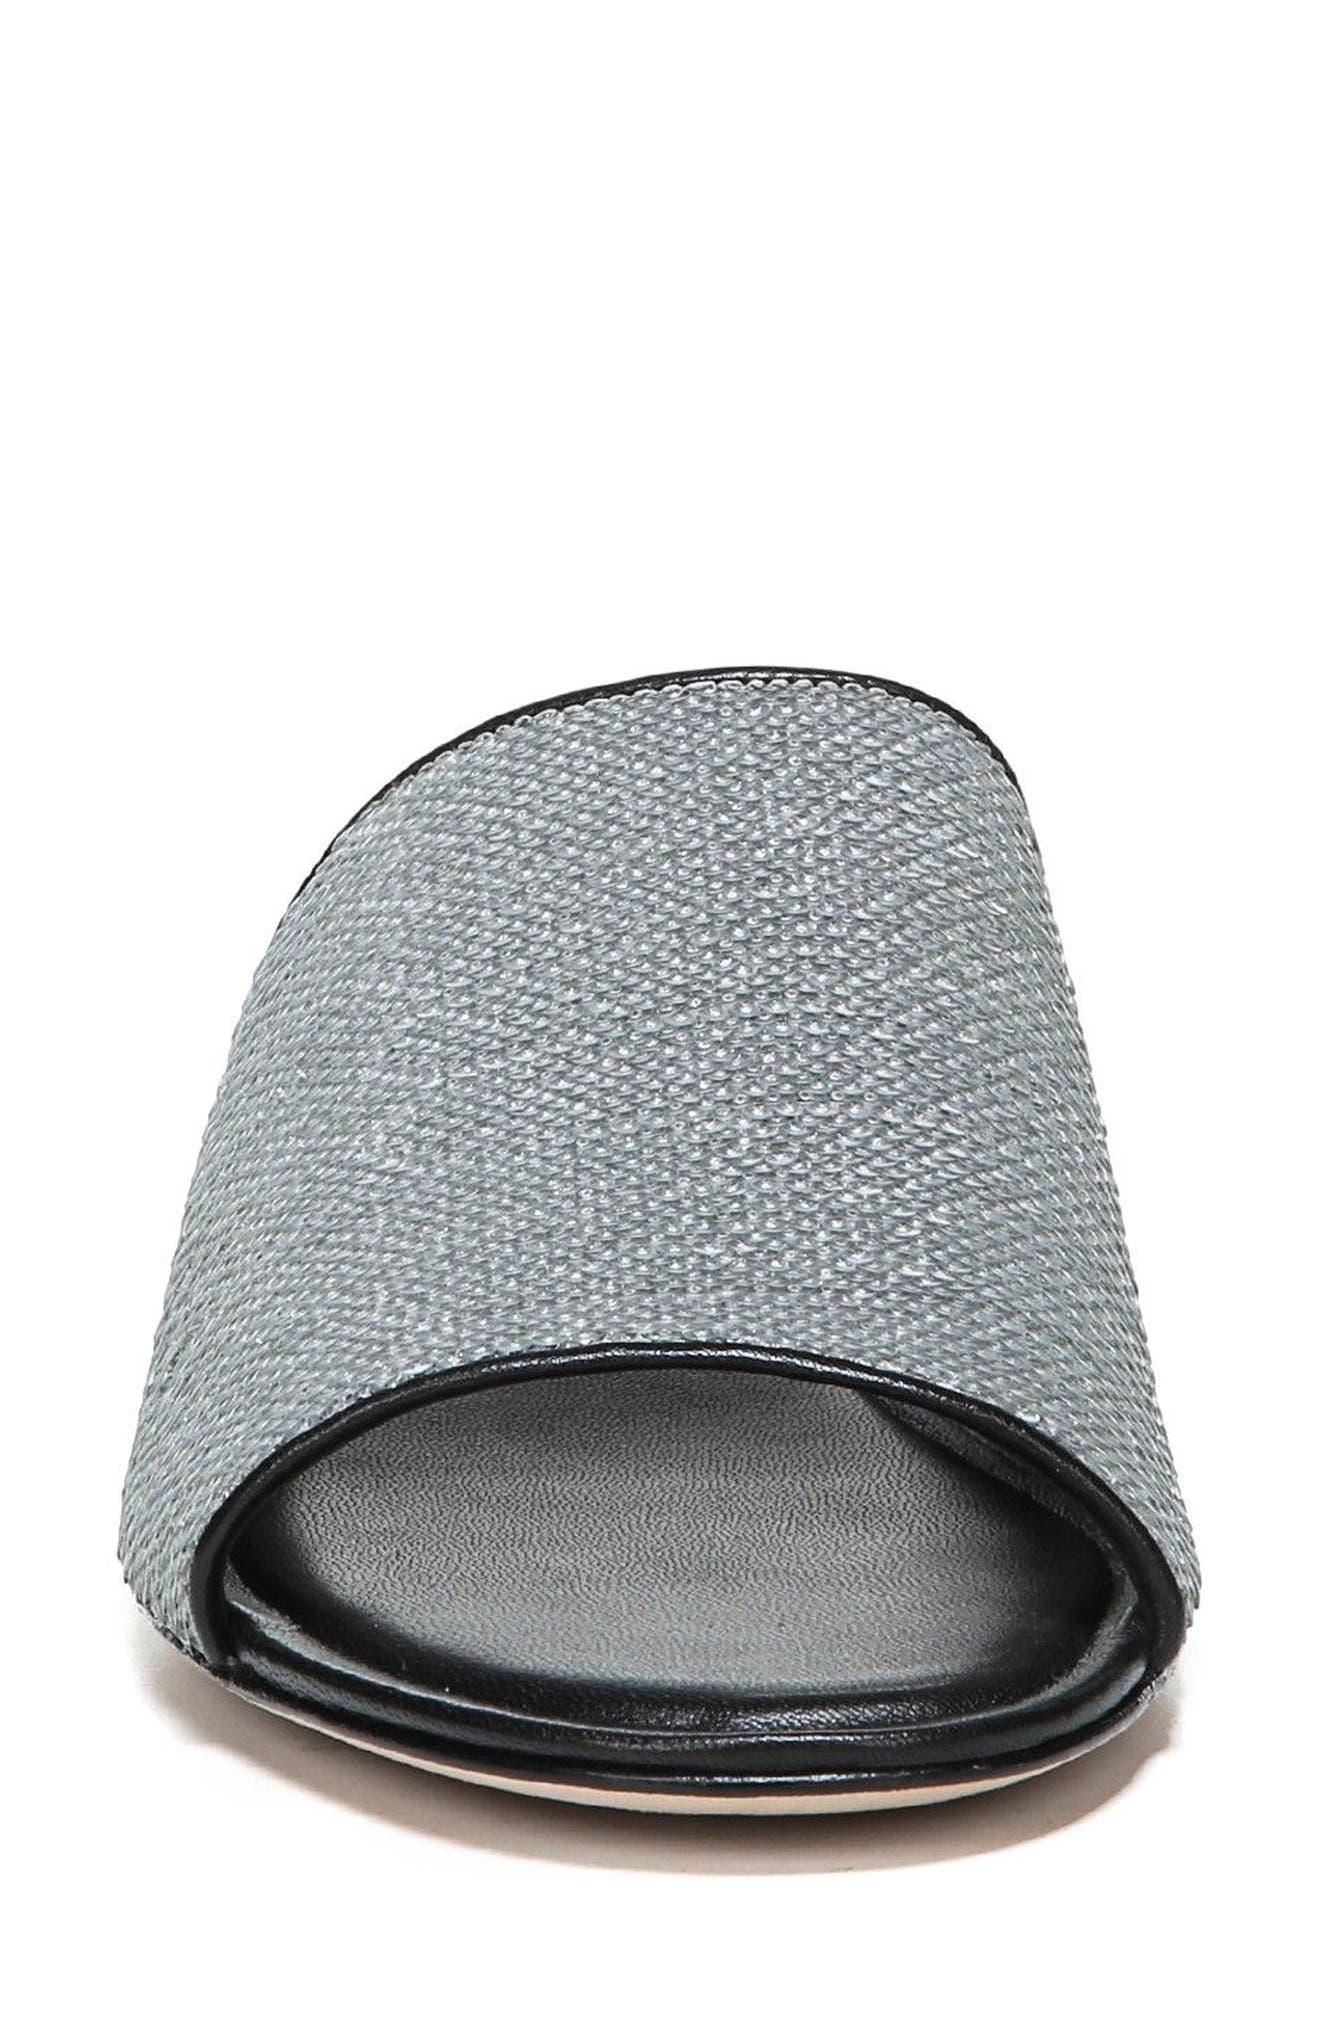 Samassi 1 Slide Sandal,                             Alternate thumbnail 4, color,                             Silver Sequins